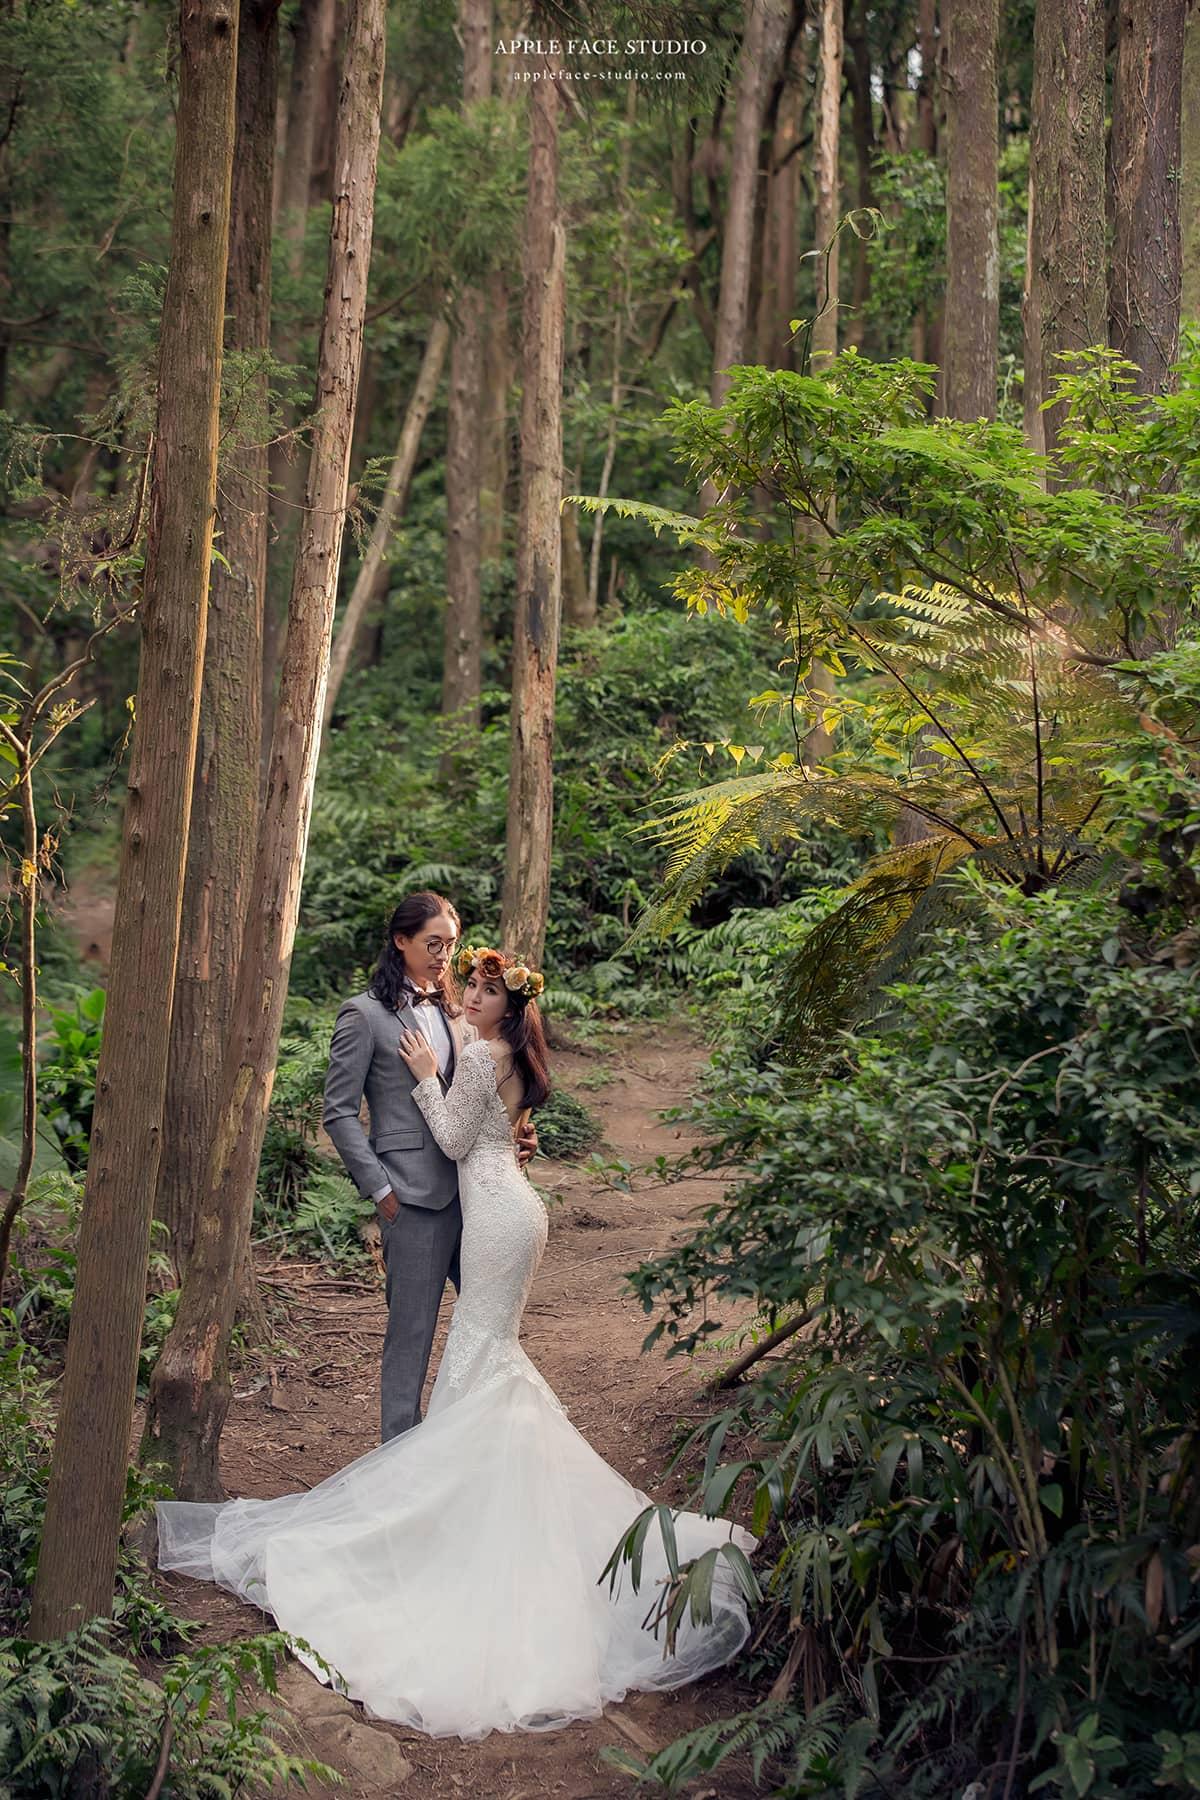 自助婚紗,美式婚紗,婚禮攝影,森林婚紗,婚紗攝影,韓系婚紗,pre-wedding,wedding,婚禮攝影,婚禮記錄,婚紗工作室